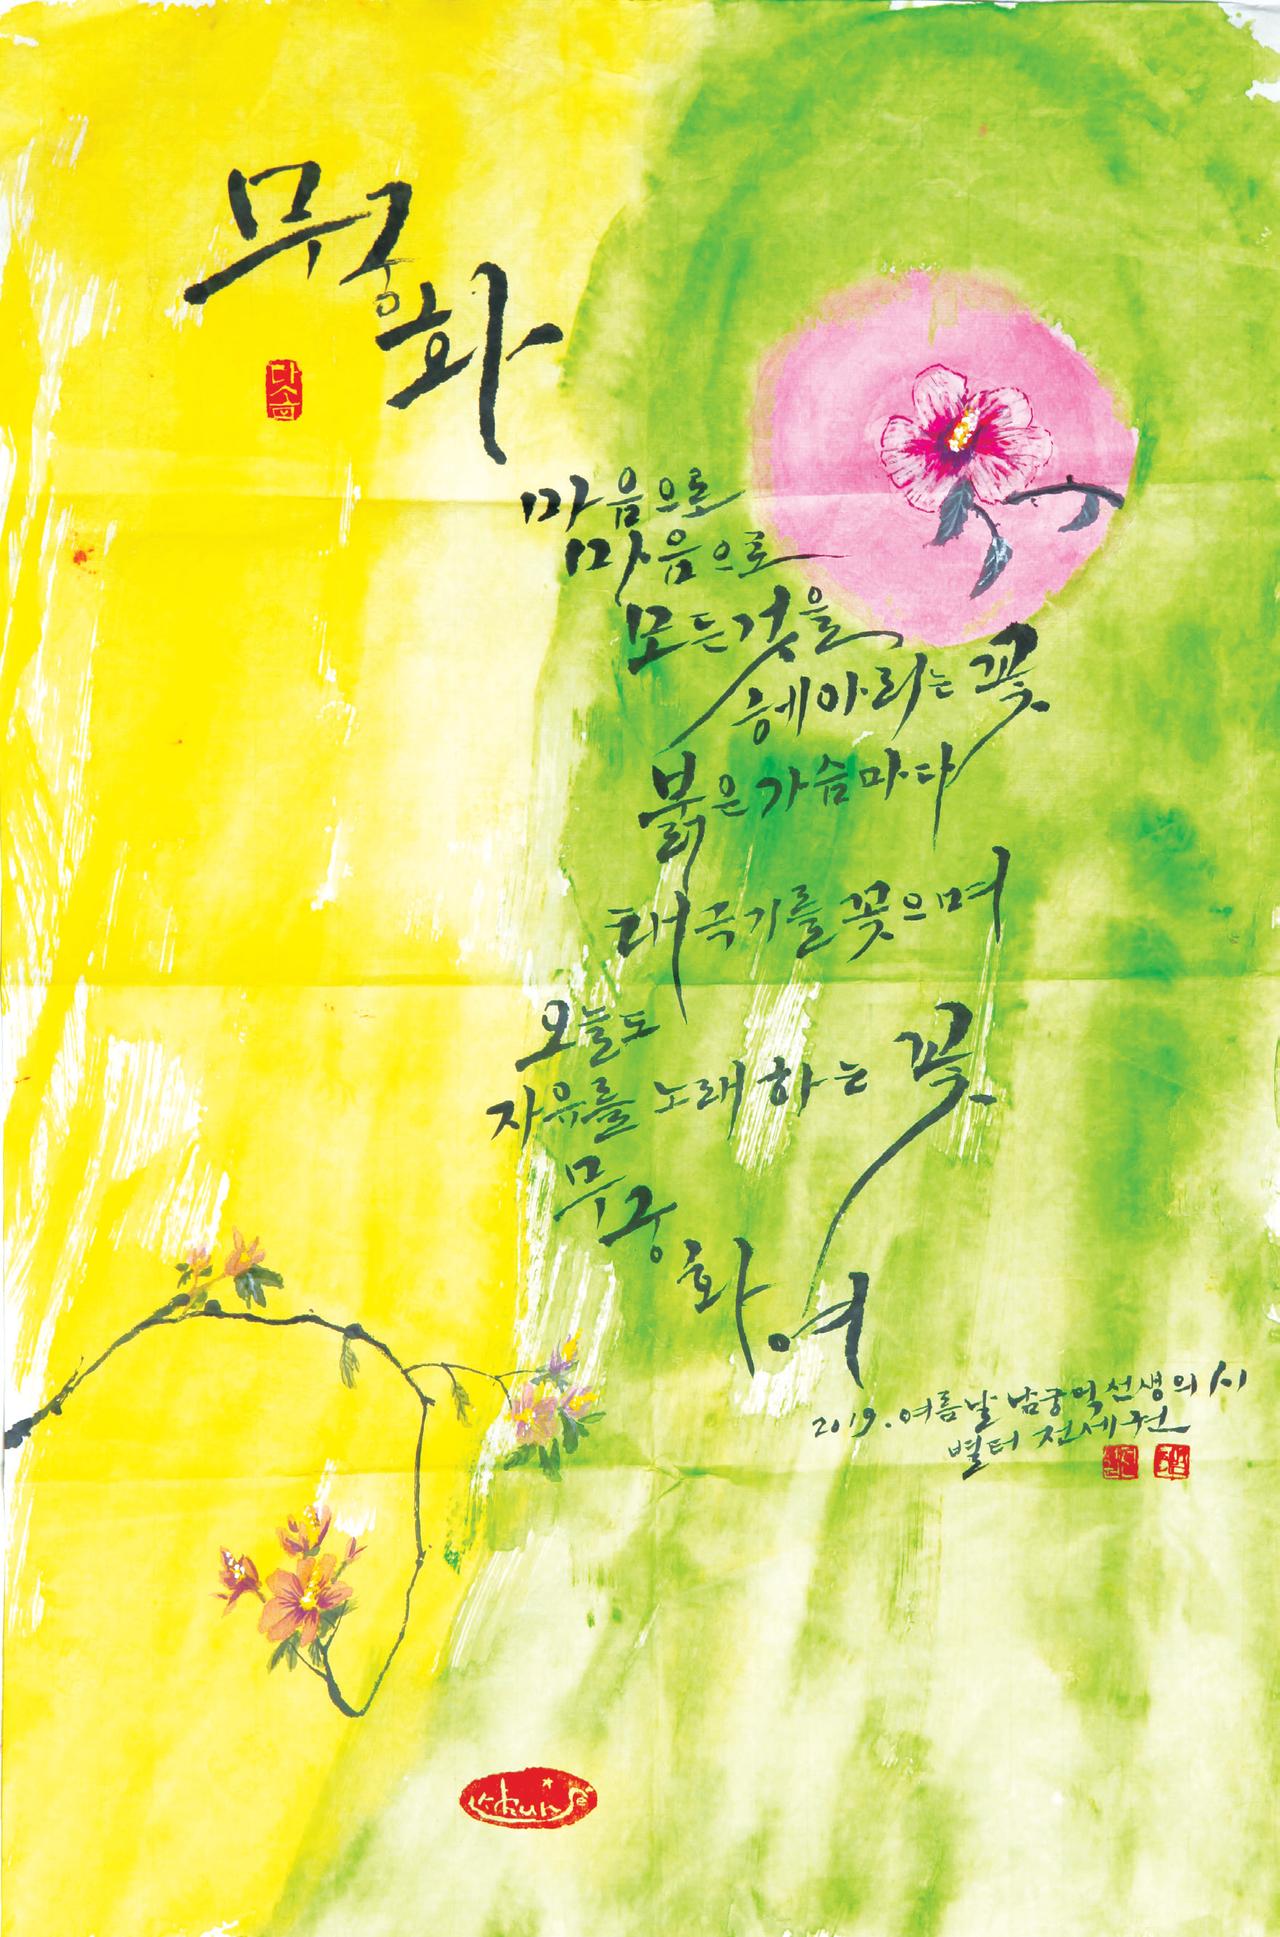 전세권 (서예)-나라꽃 무궁화향기 가득